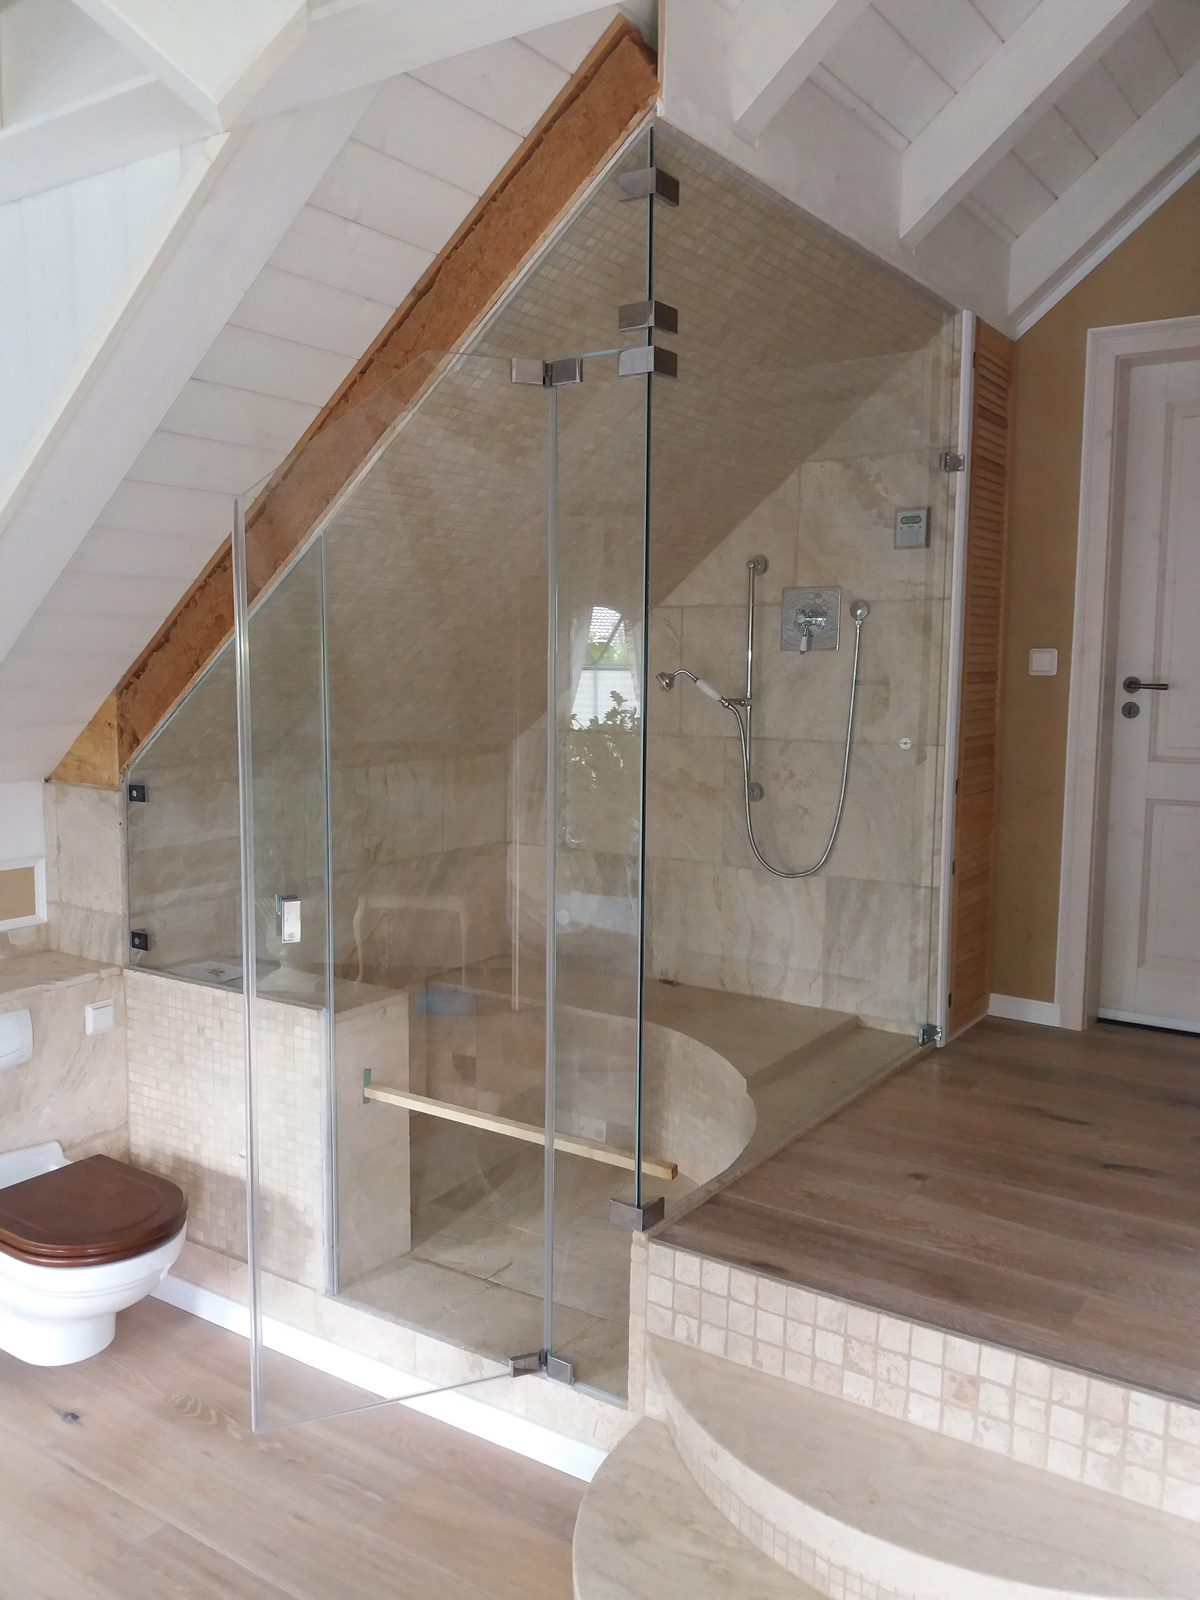 große Dusche mit Sitzmöglichkeit